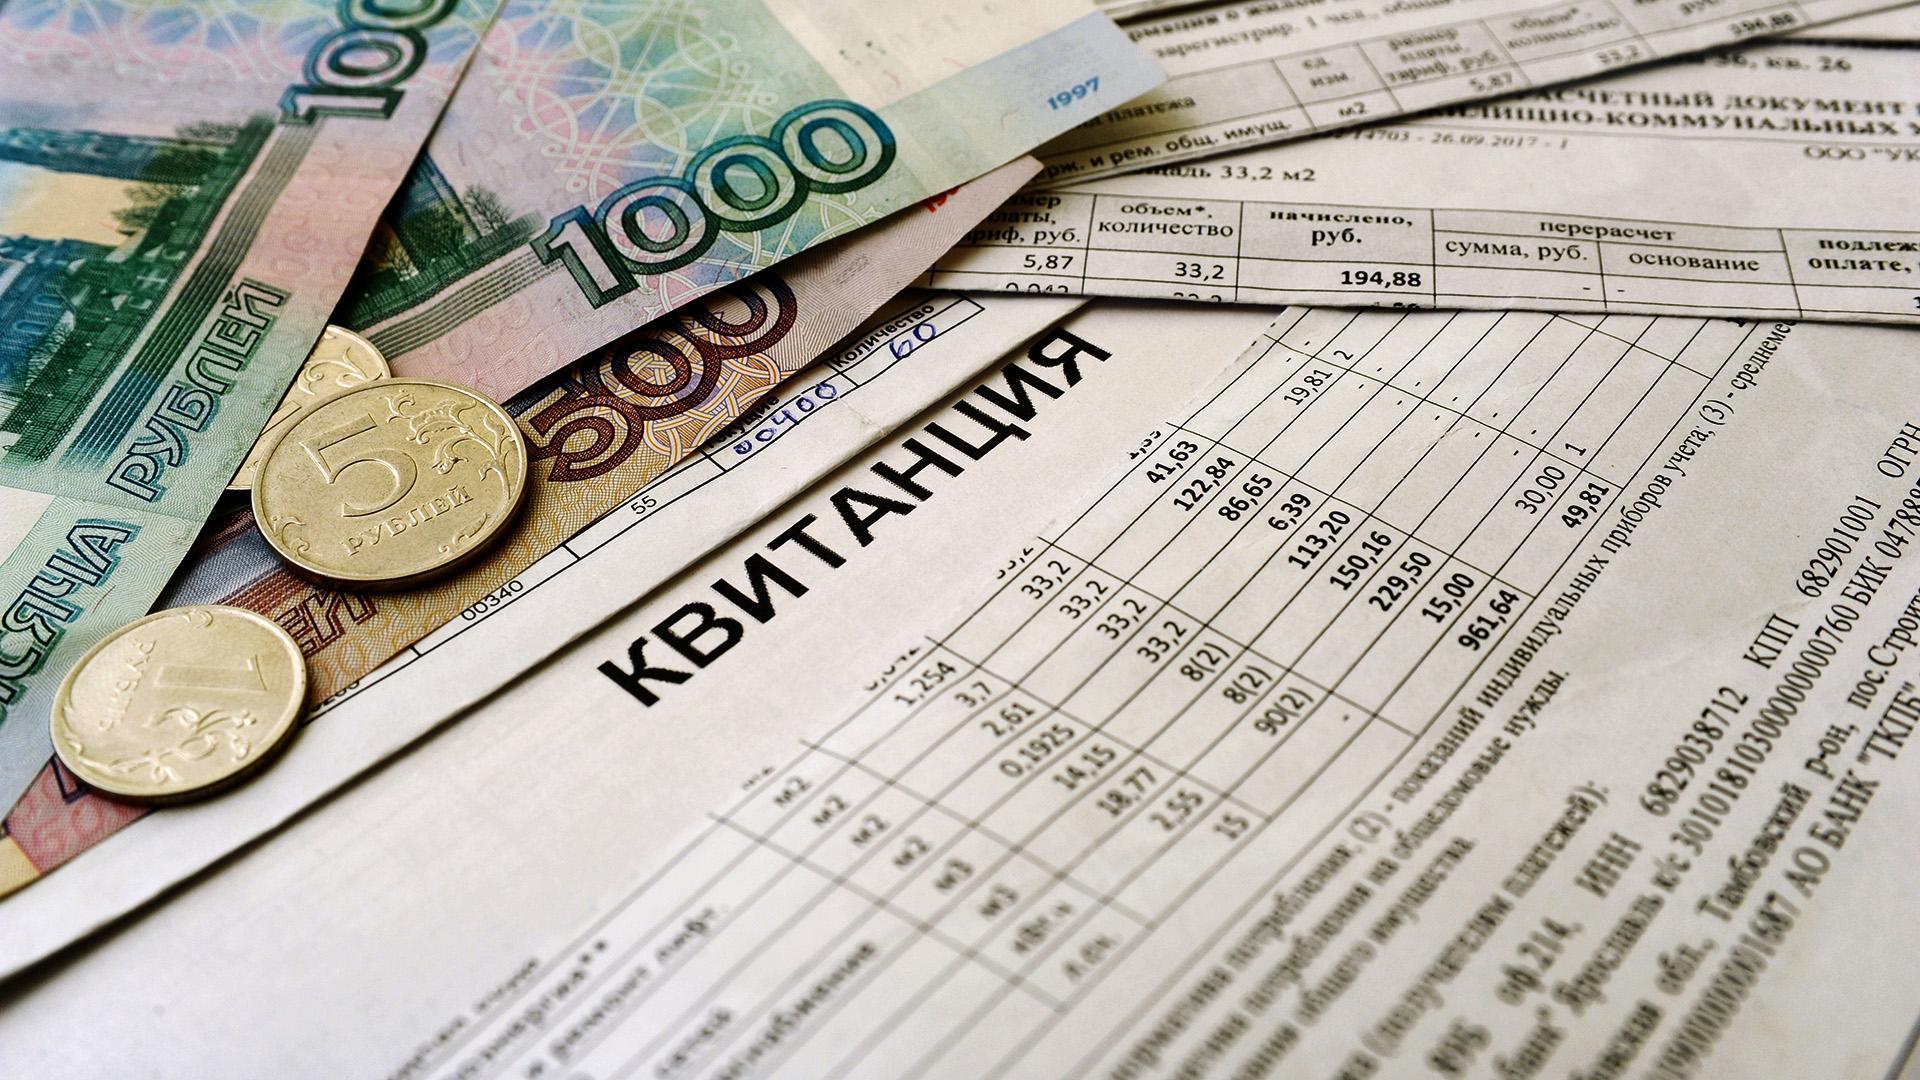 Красноярцы недоумевают, откуда взялся такой резкий рост стоимости ЖКУ